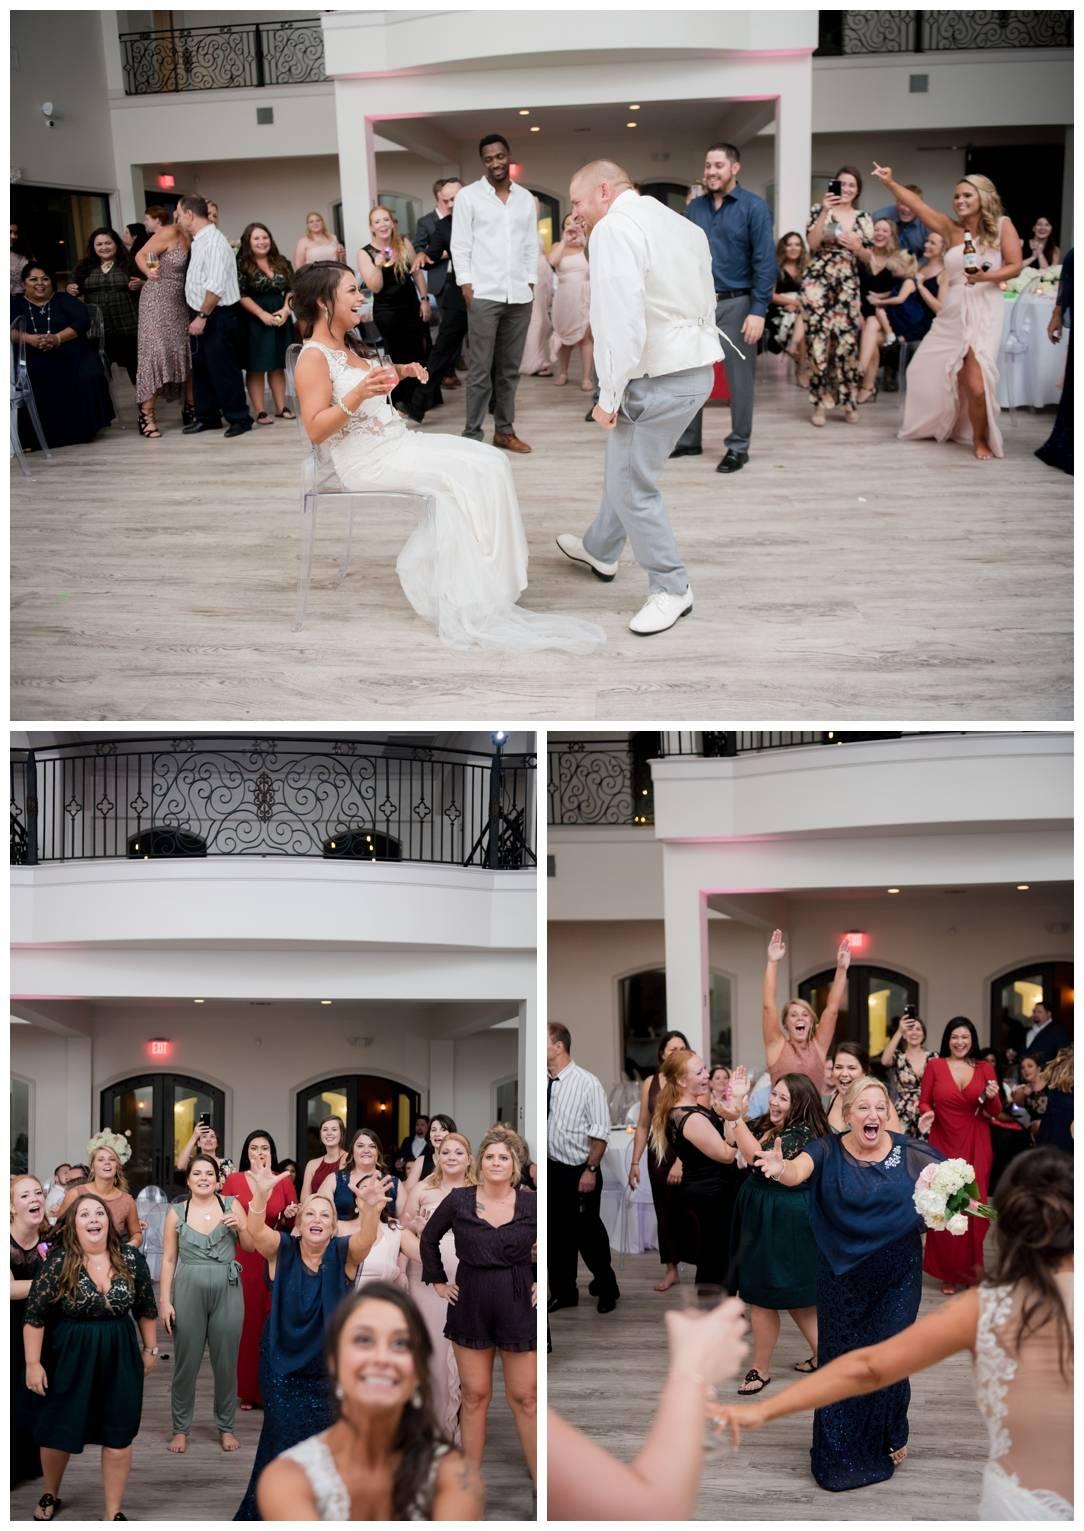 Knotting Hill Reception Dancing Garter Toss.jpg